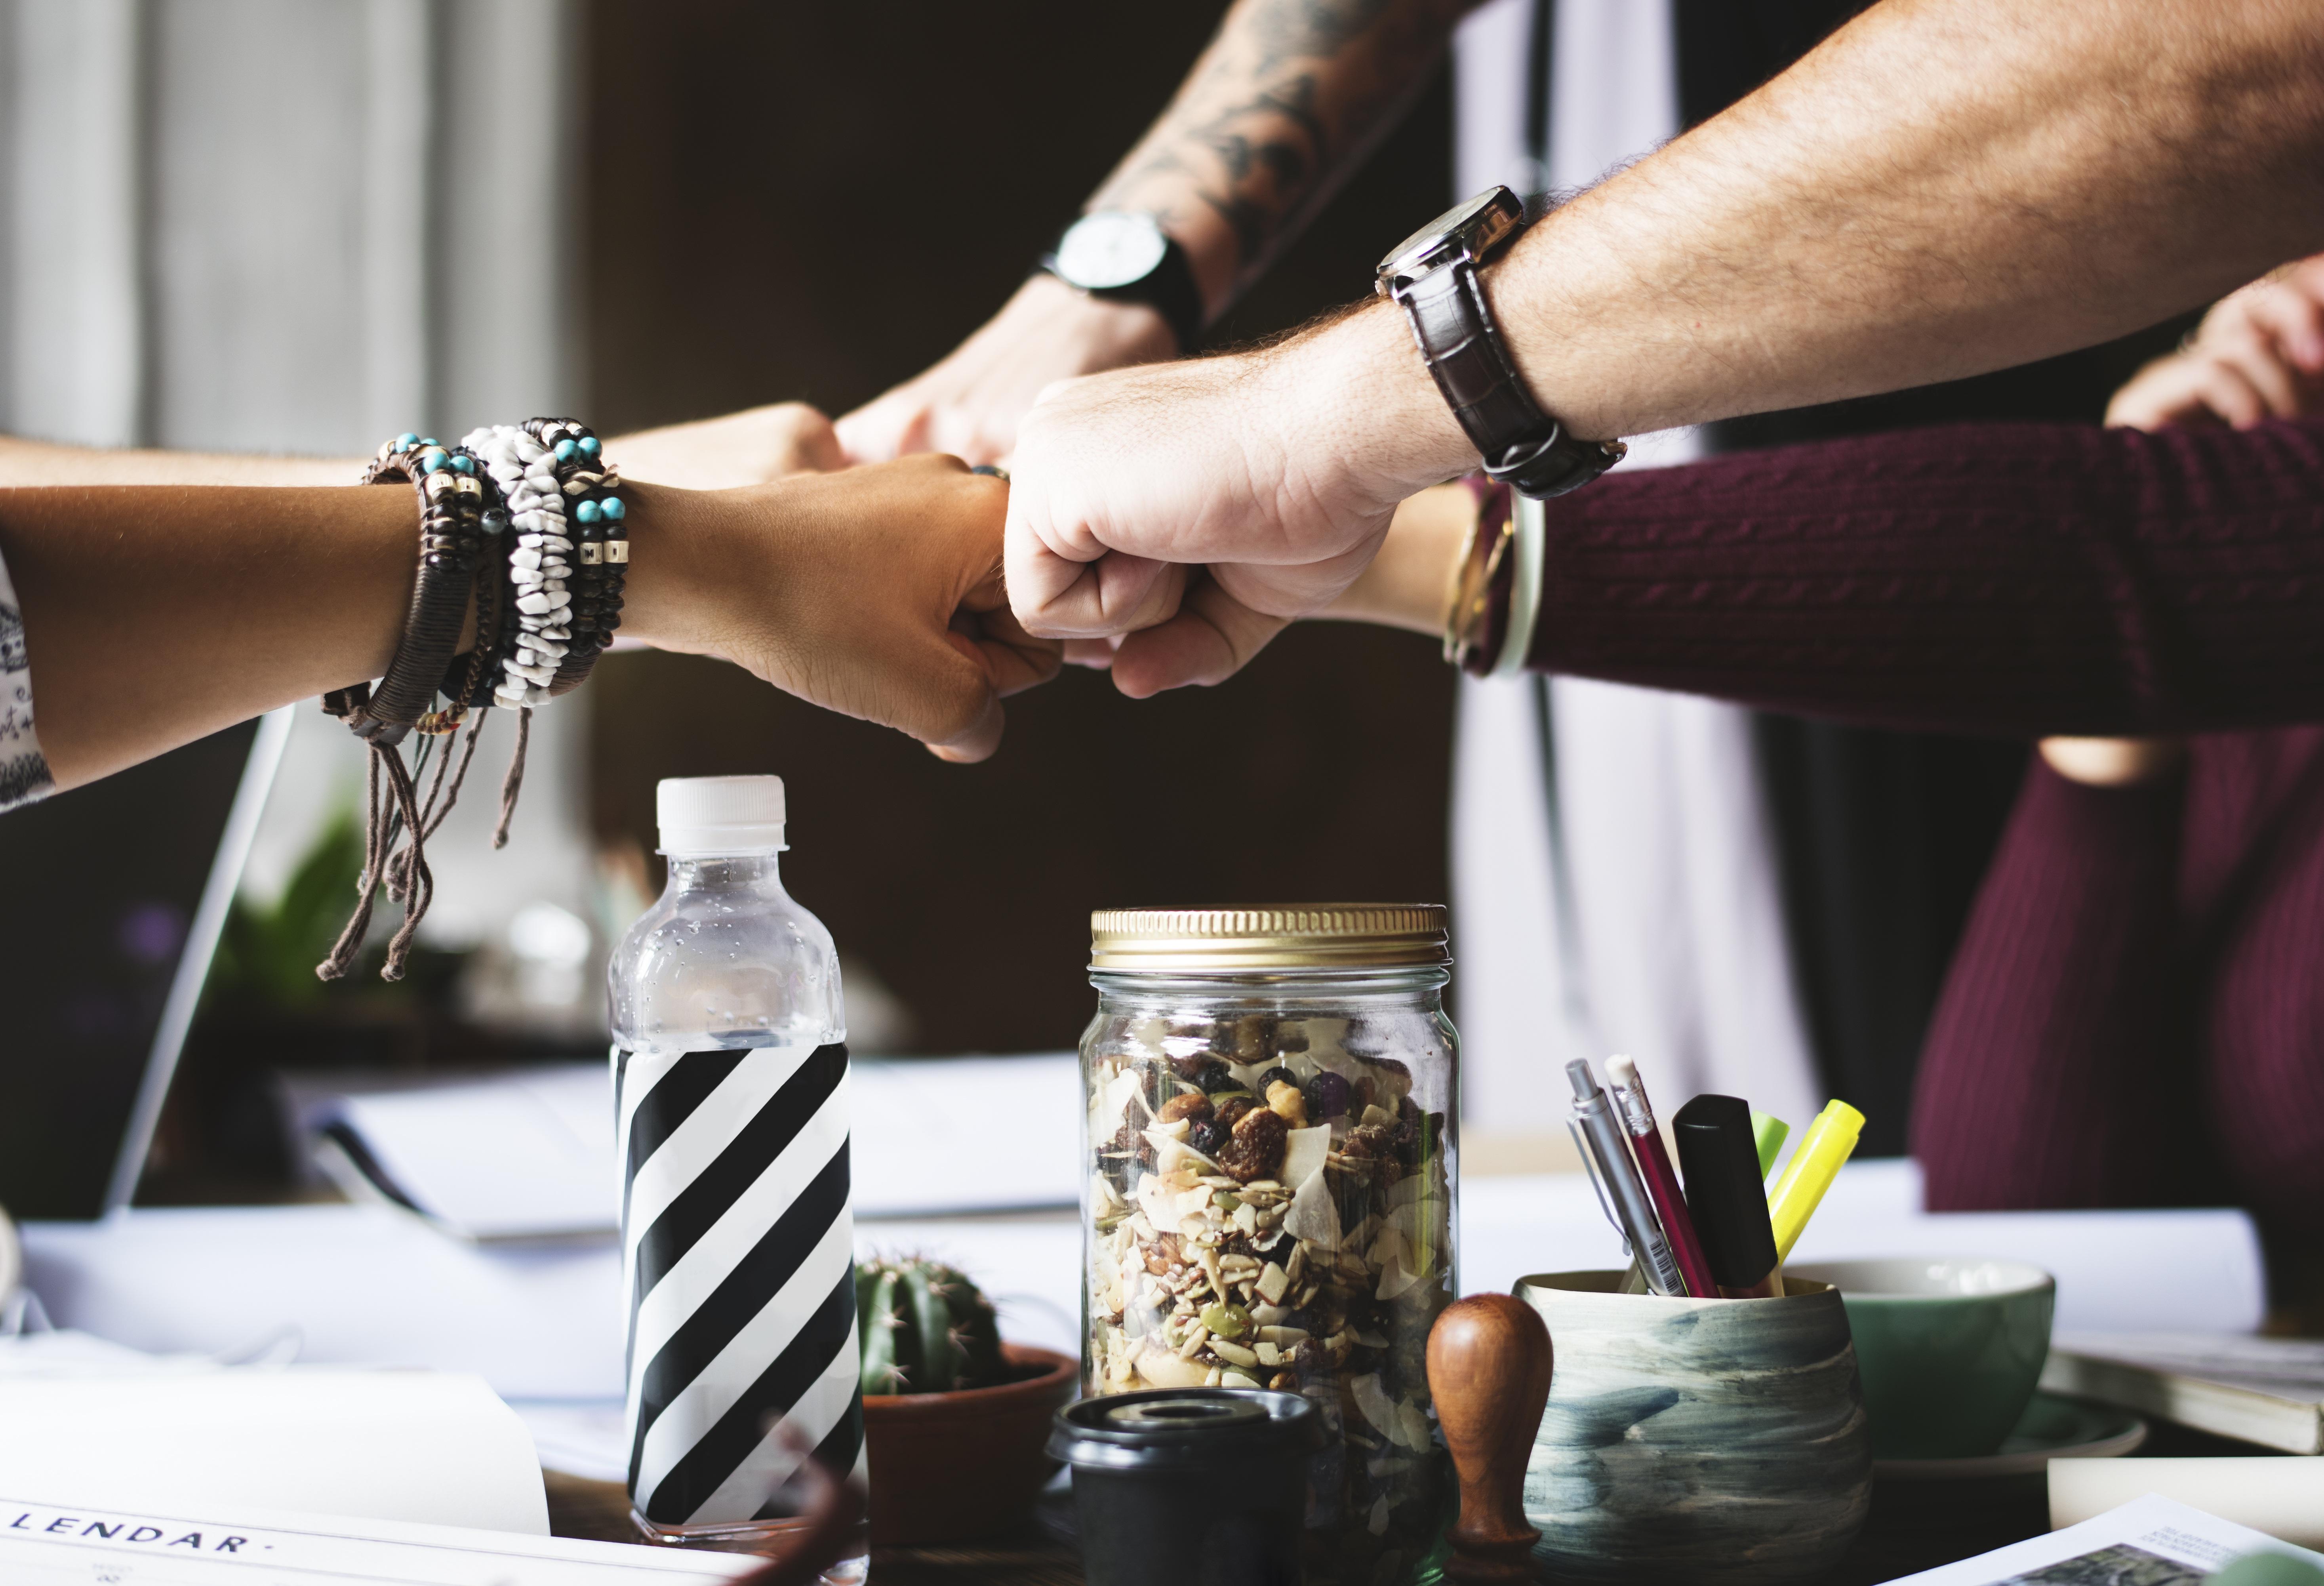 La méthode Agile : l'avenir de la gestion de projet ?